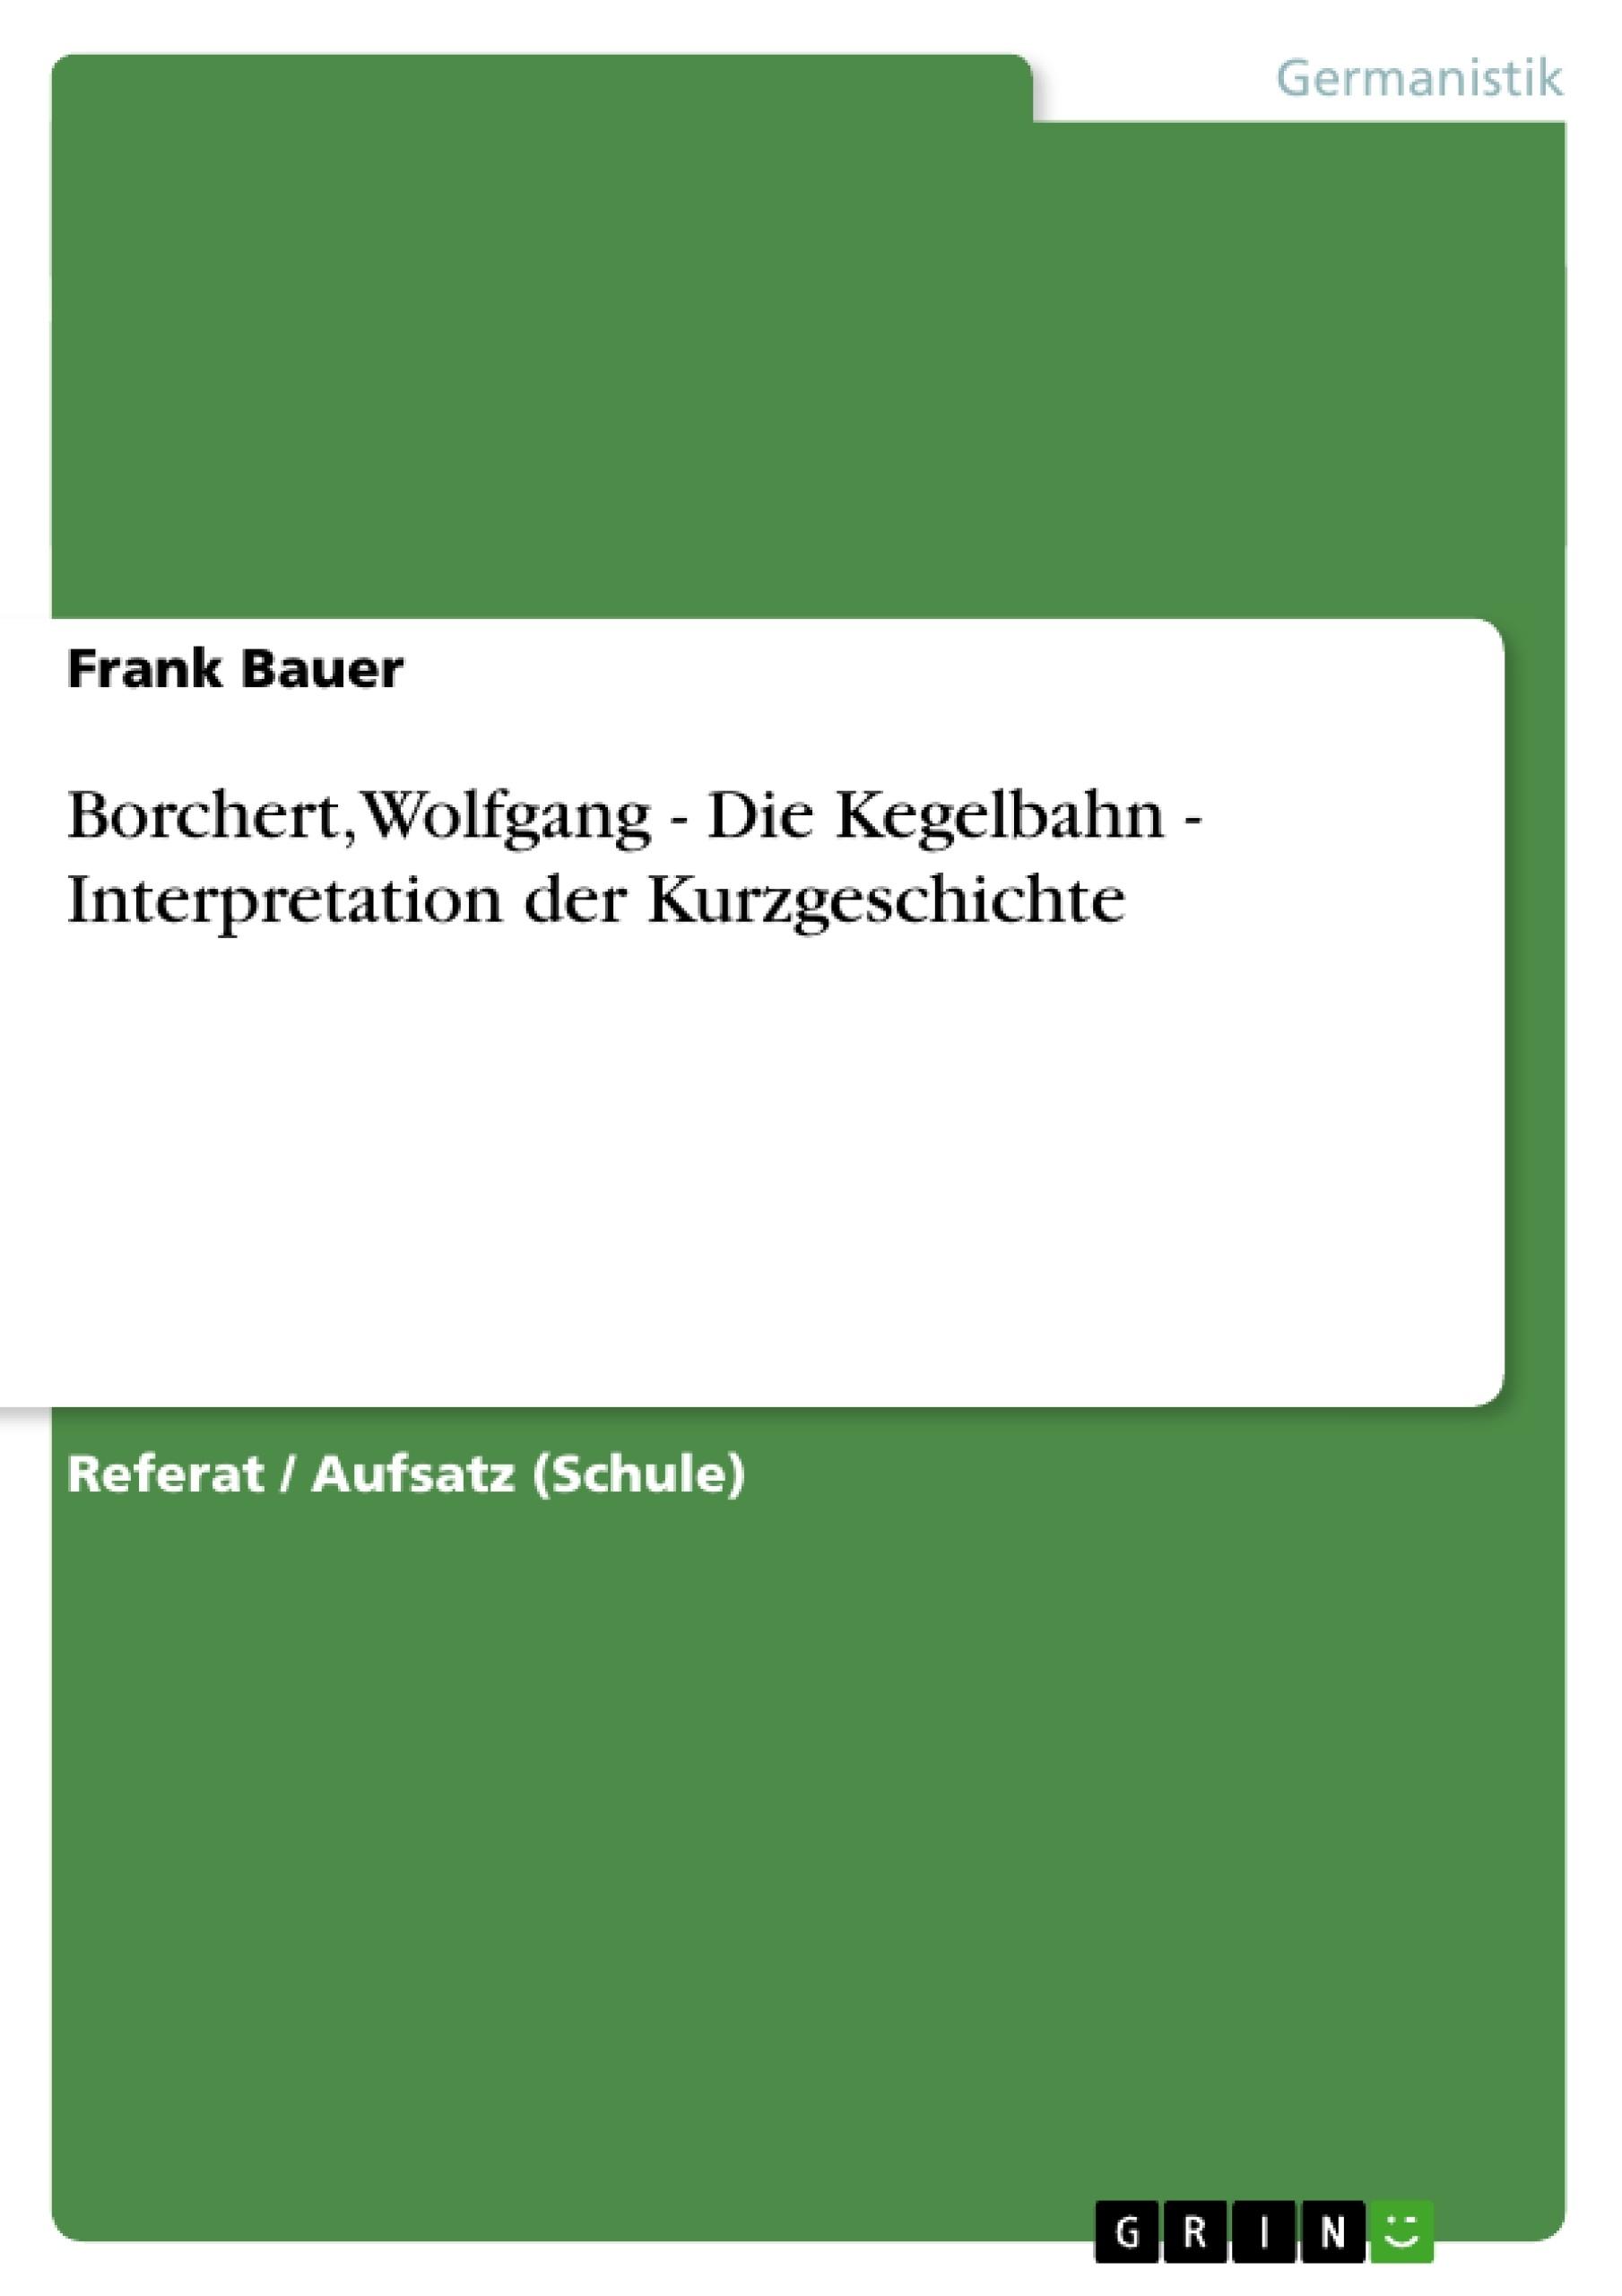 Titel: Borchert,Wolfgang - Die Kegelbahn - Interpretation der Kurzgeschichte